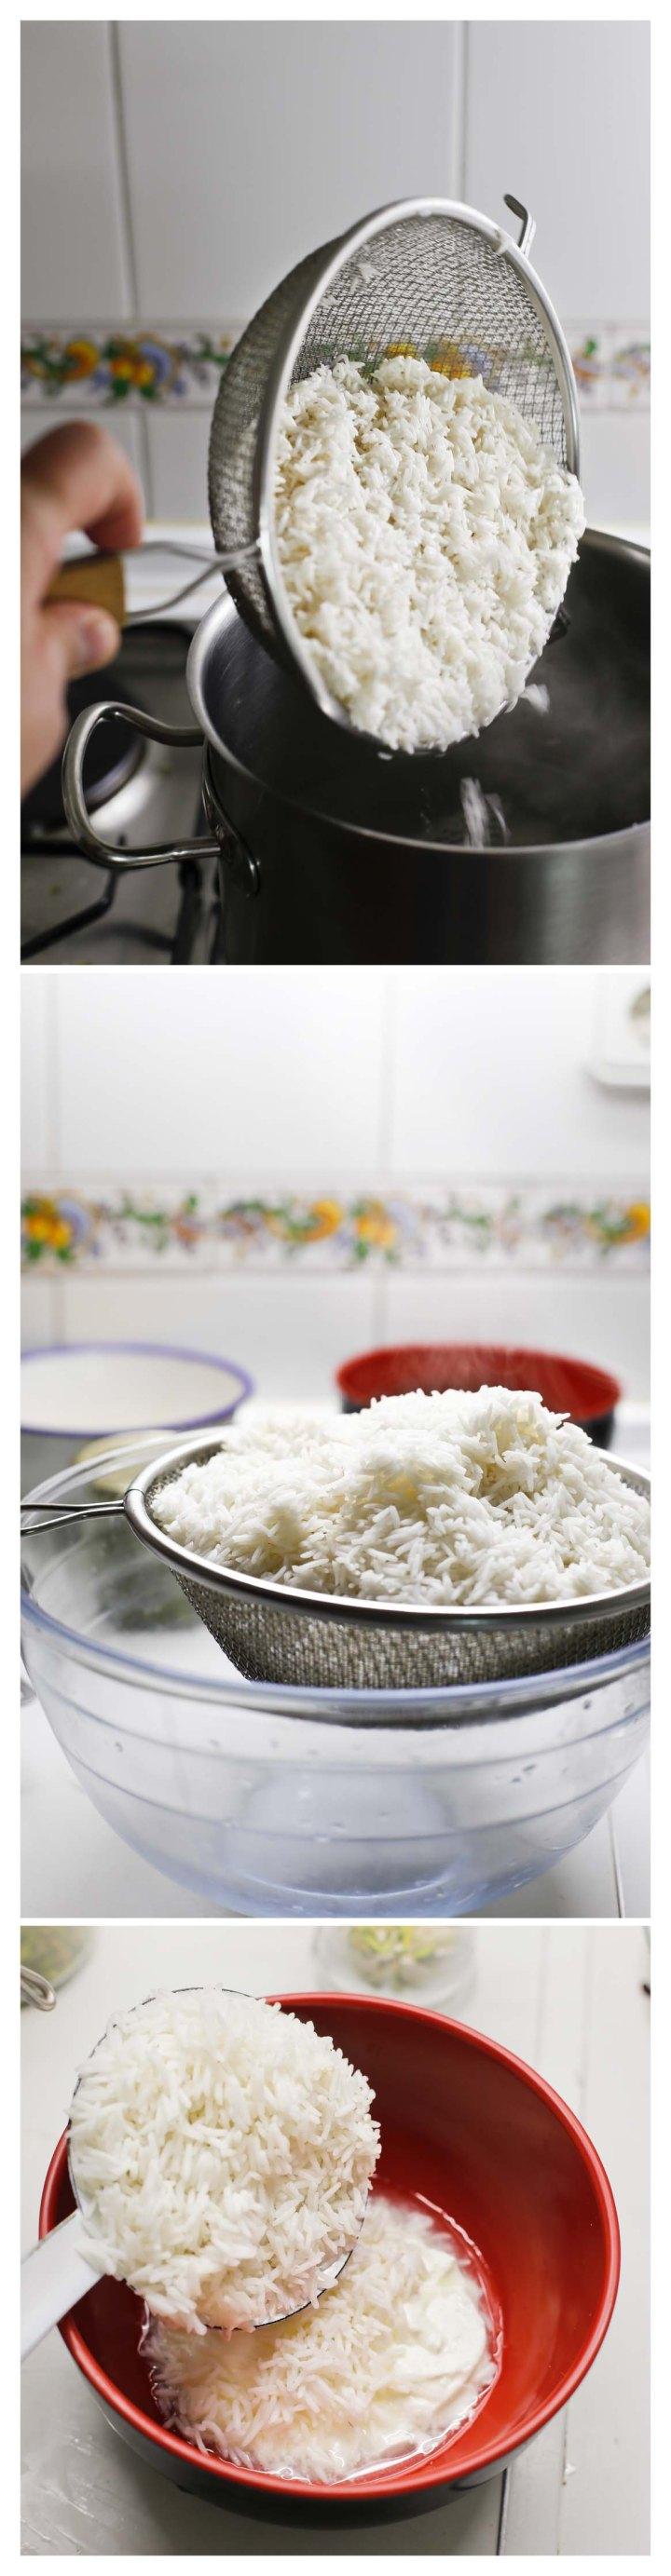 para-montar-arroz